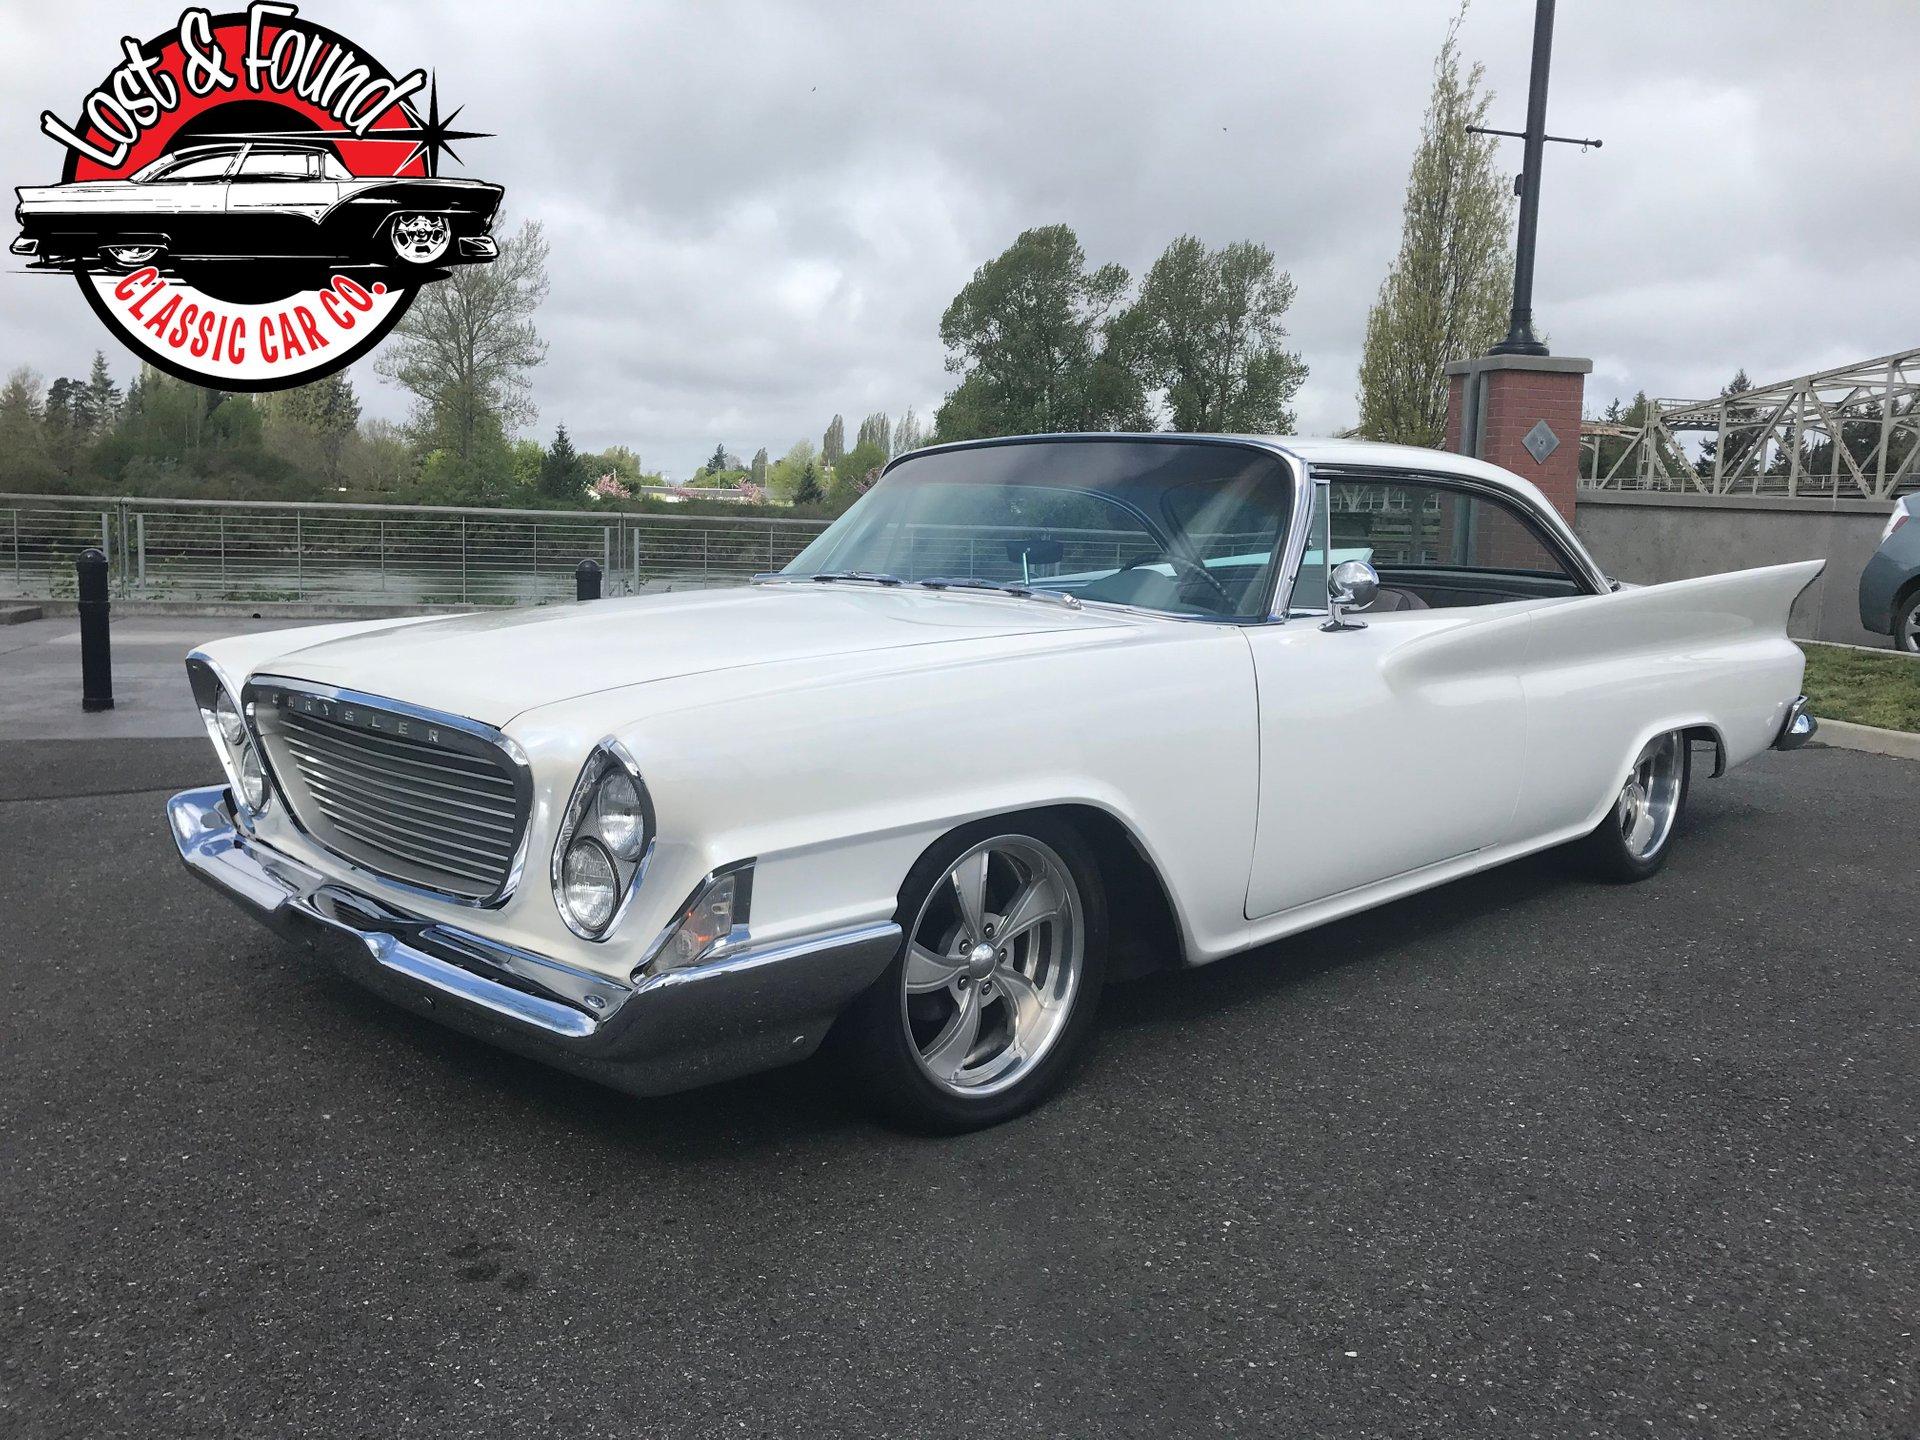 1961 chrysler newport custom